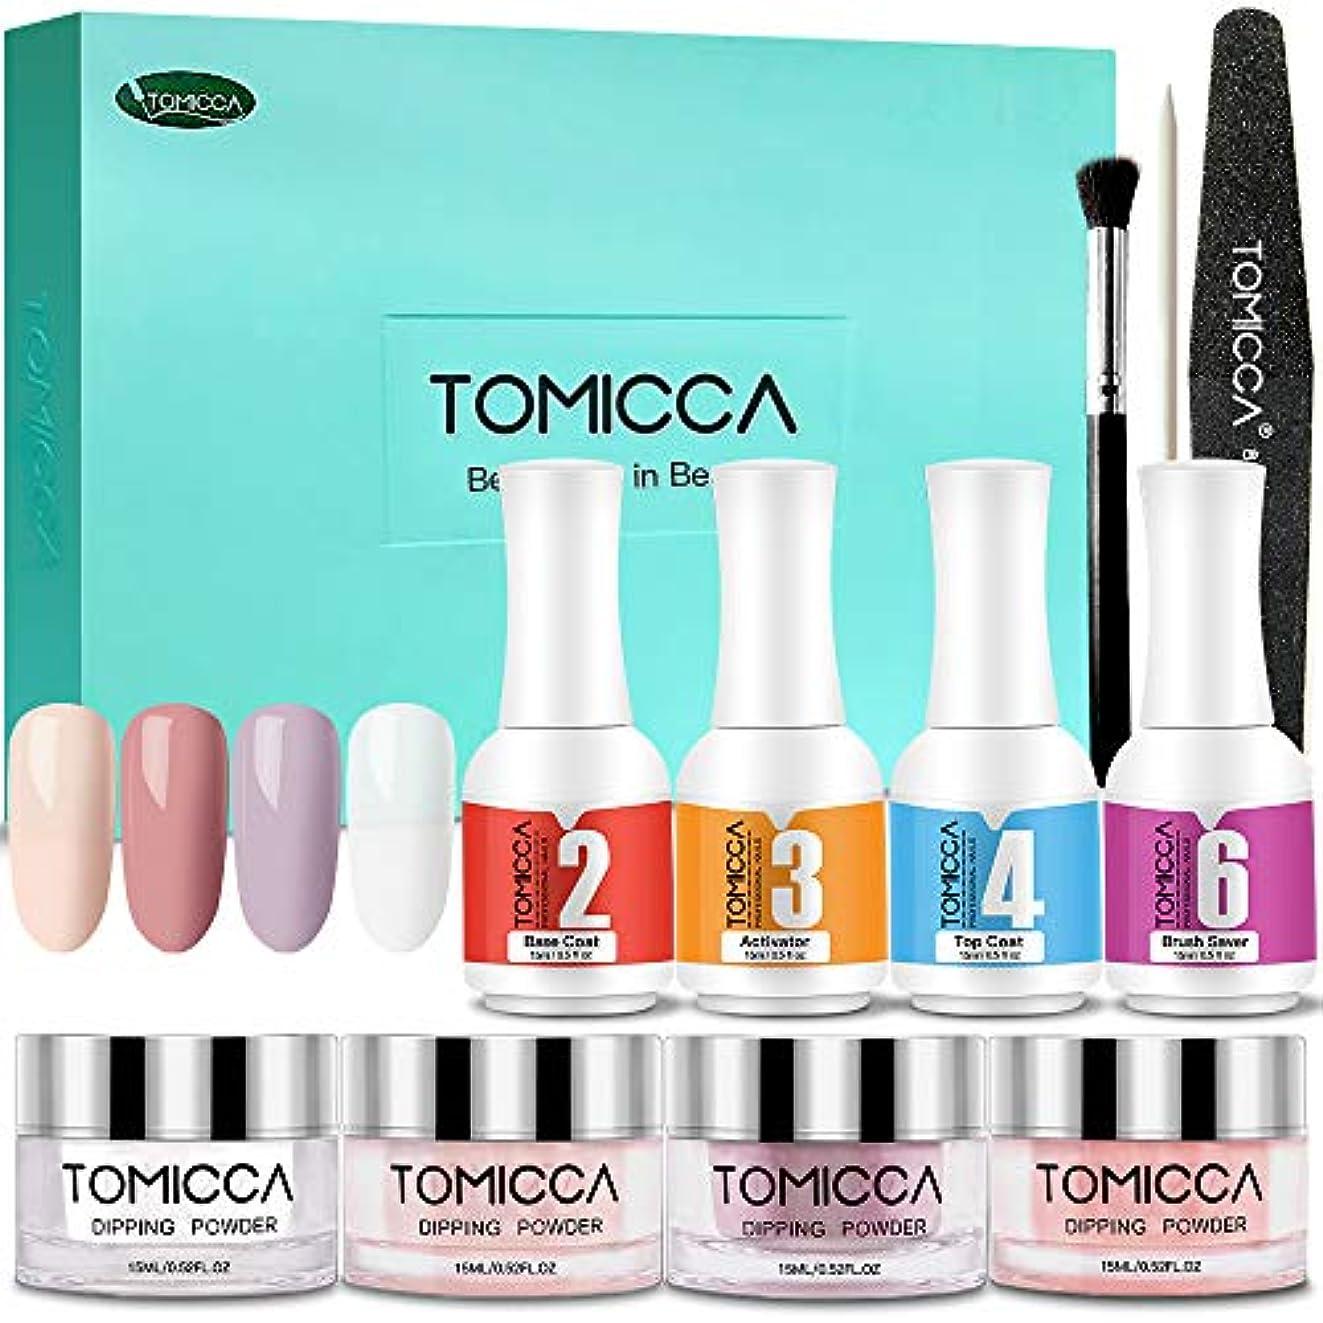 を通して洞察力を通してTOMICCA パウダーマニキュア ネイルパウダー 4色セット 15g UV*LED ライト不要 初心者適用 色付け簡単 人気 アメリカ流行 (ピンク)